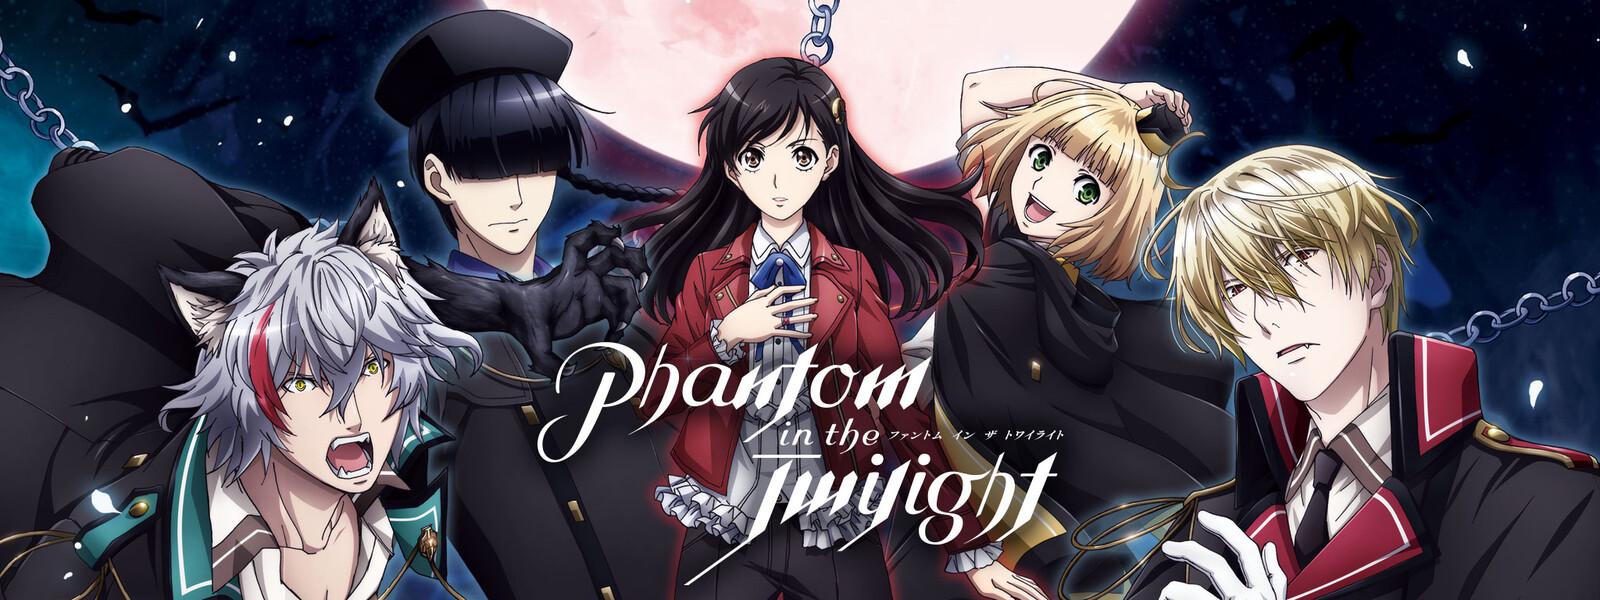 Phantom in the Twilight(ファントム・イン・ザ・トワイライト)